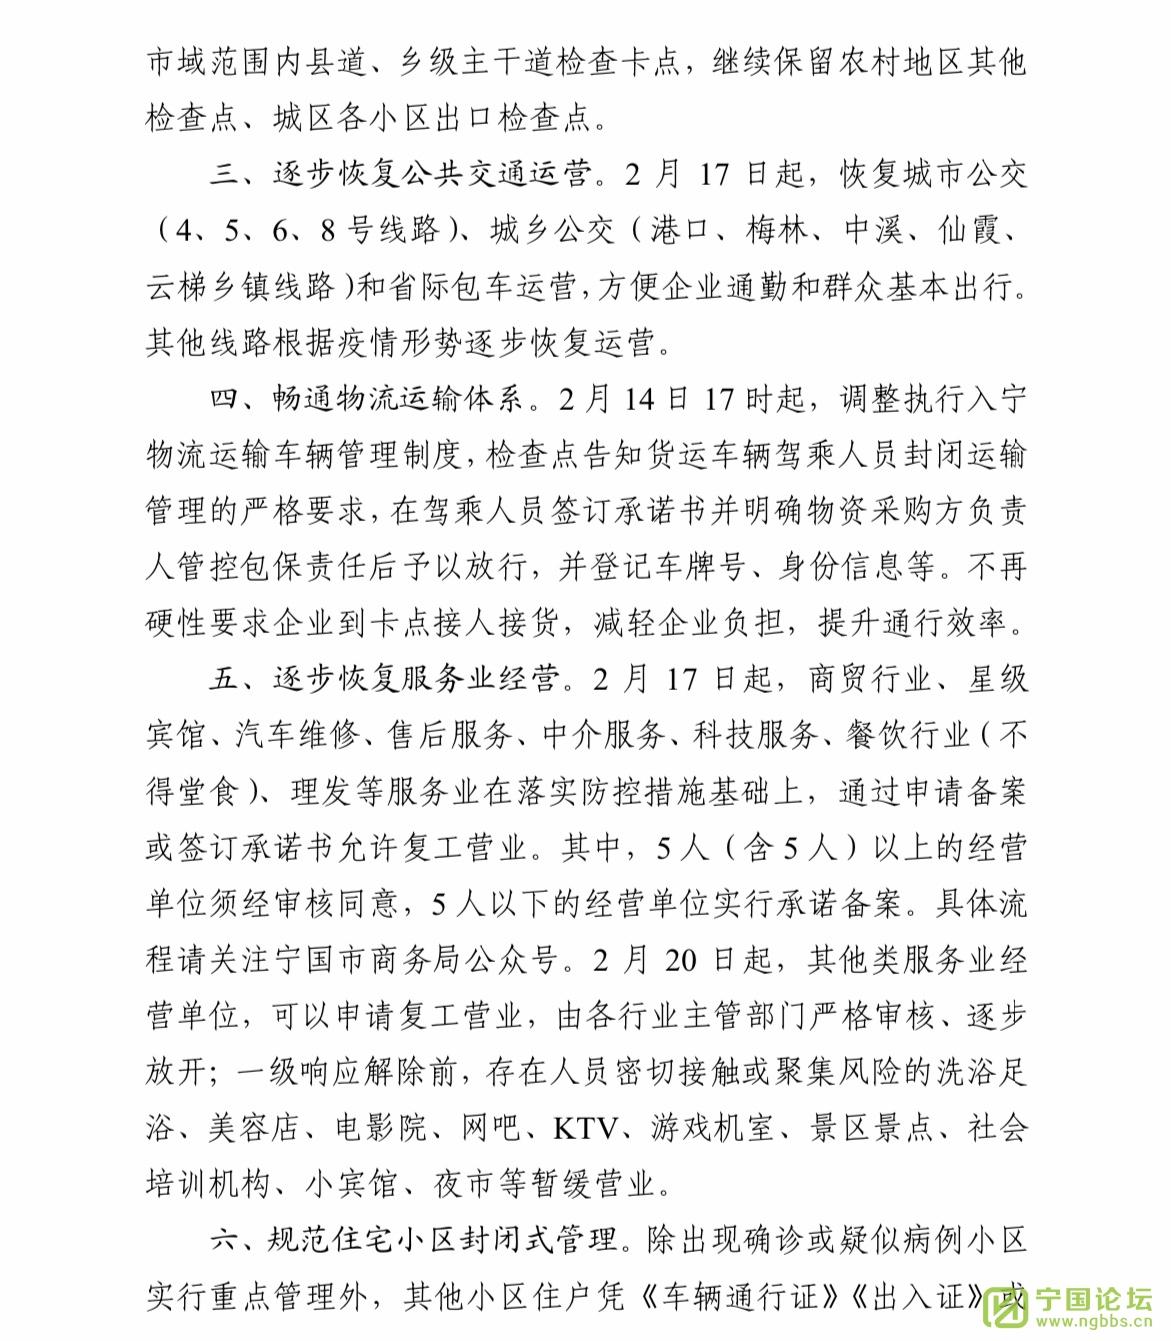 """关于调整""""疫情防控、生产恢复""""有关措施的通告 - 宁国论坛 - 11.jpg"""